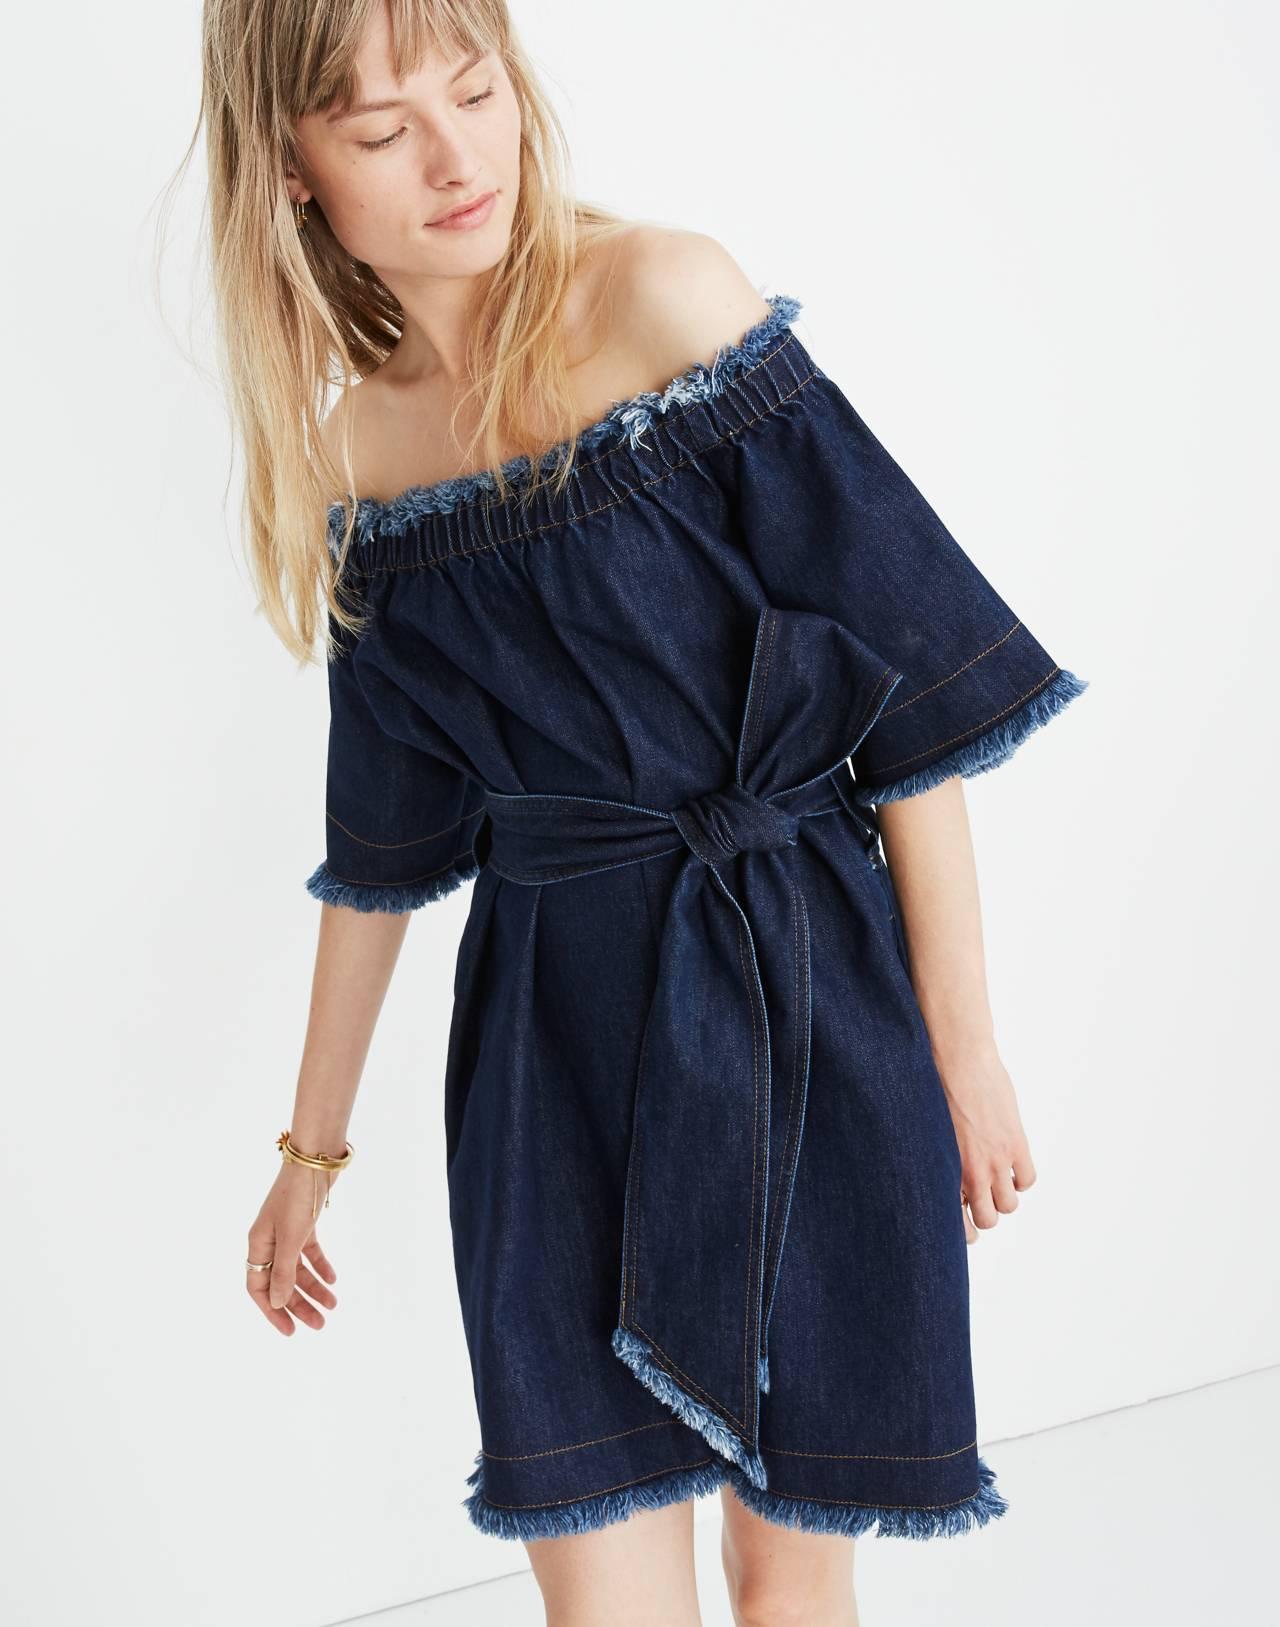 Madewell x Karen Walker® Fathom Denim Off-the-Shoulder Dress in walker wash image 1